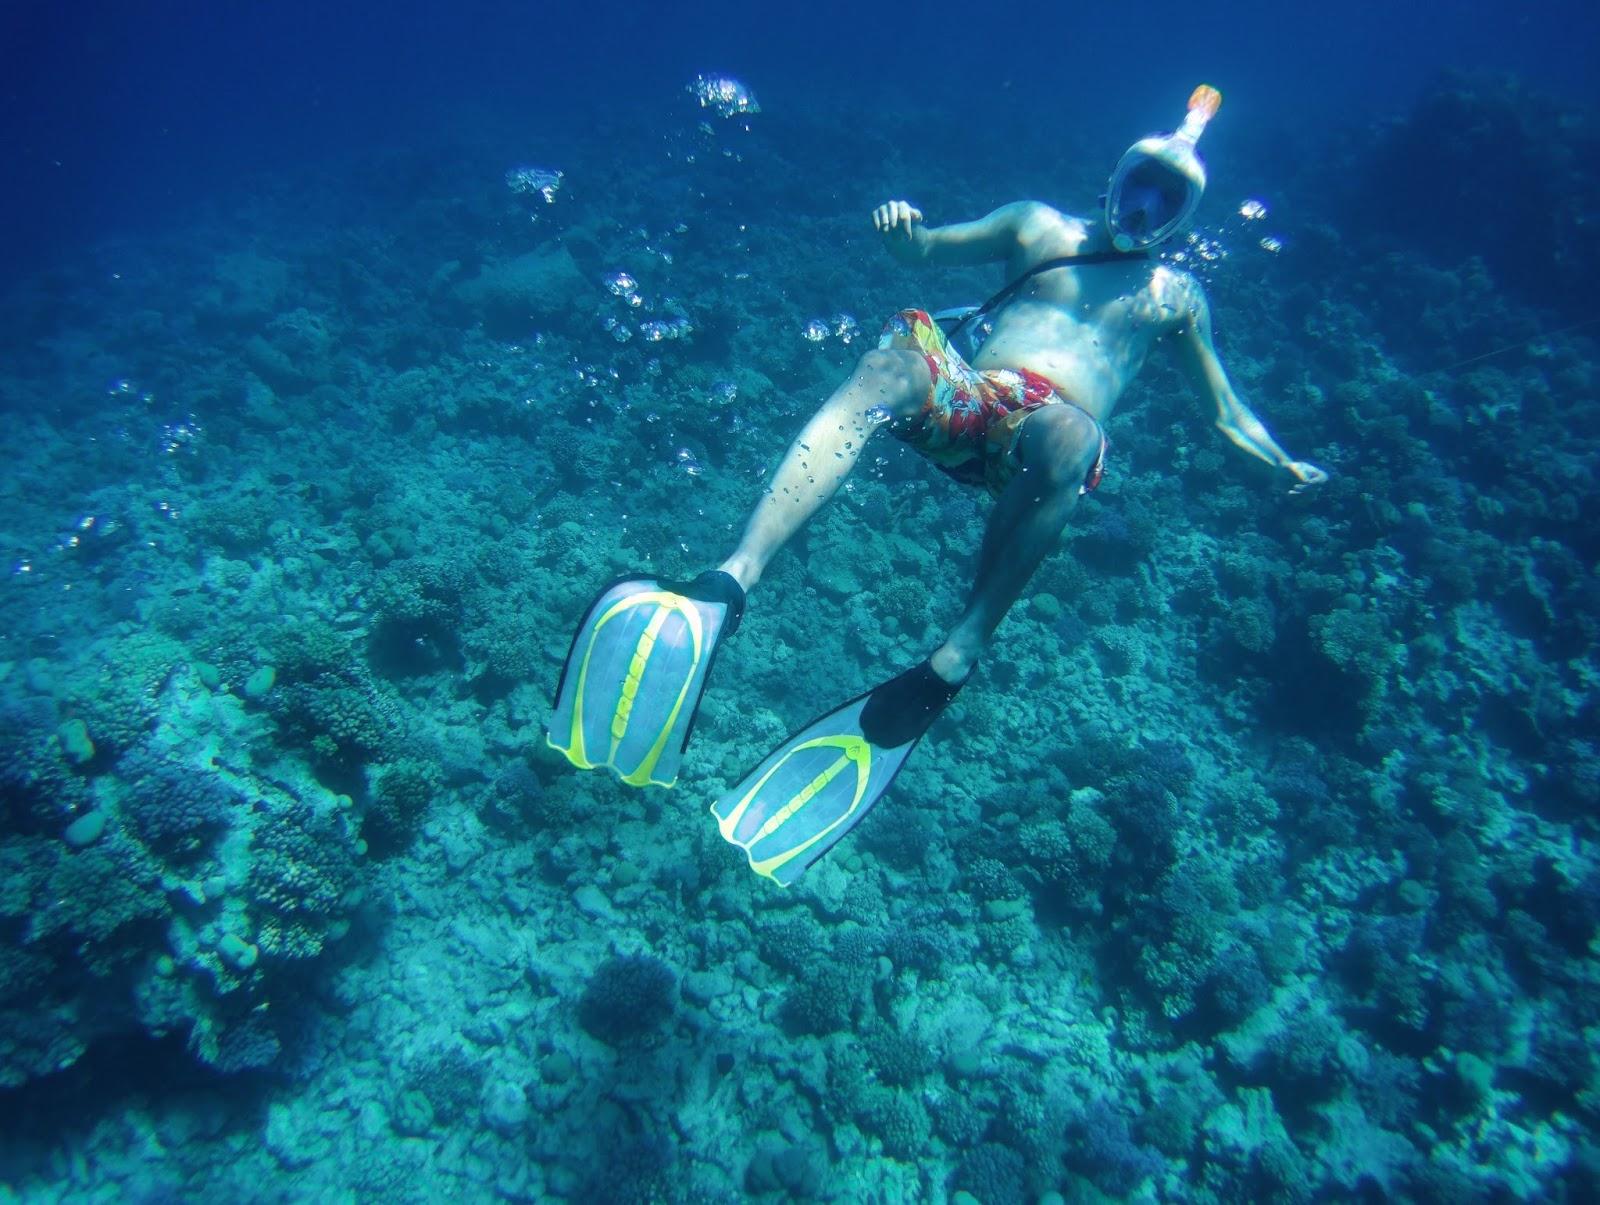 ägypten, delphine, erwachsenenhotel, fischarten, hurghada, korallenriff, makadi bay, makadi spa, rochen, rotes meer, schildkröten, schnorchelmaske, schnorcheln, strandurlaub, tauchen, travel blogger, urlaub,